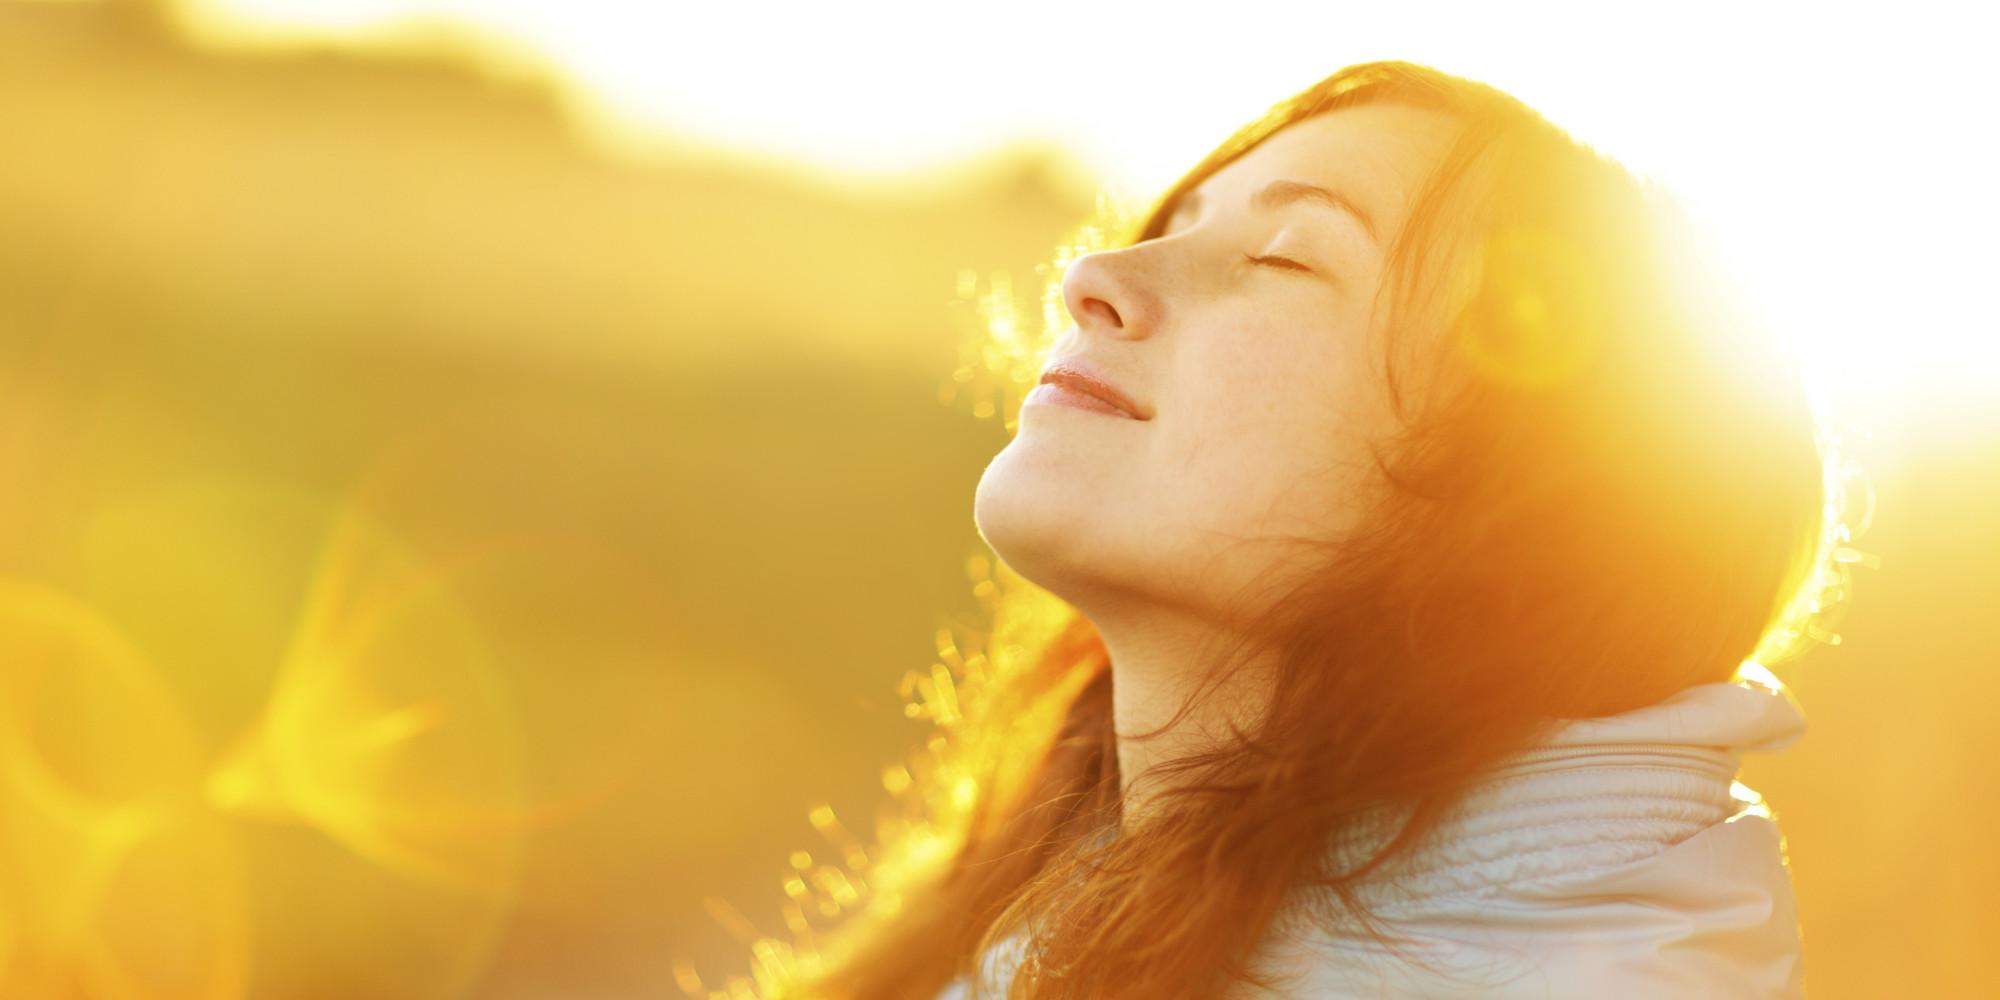 inner-peace-and-spiritual-awakening